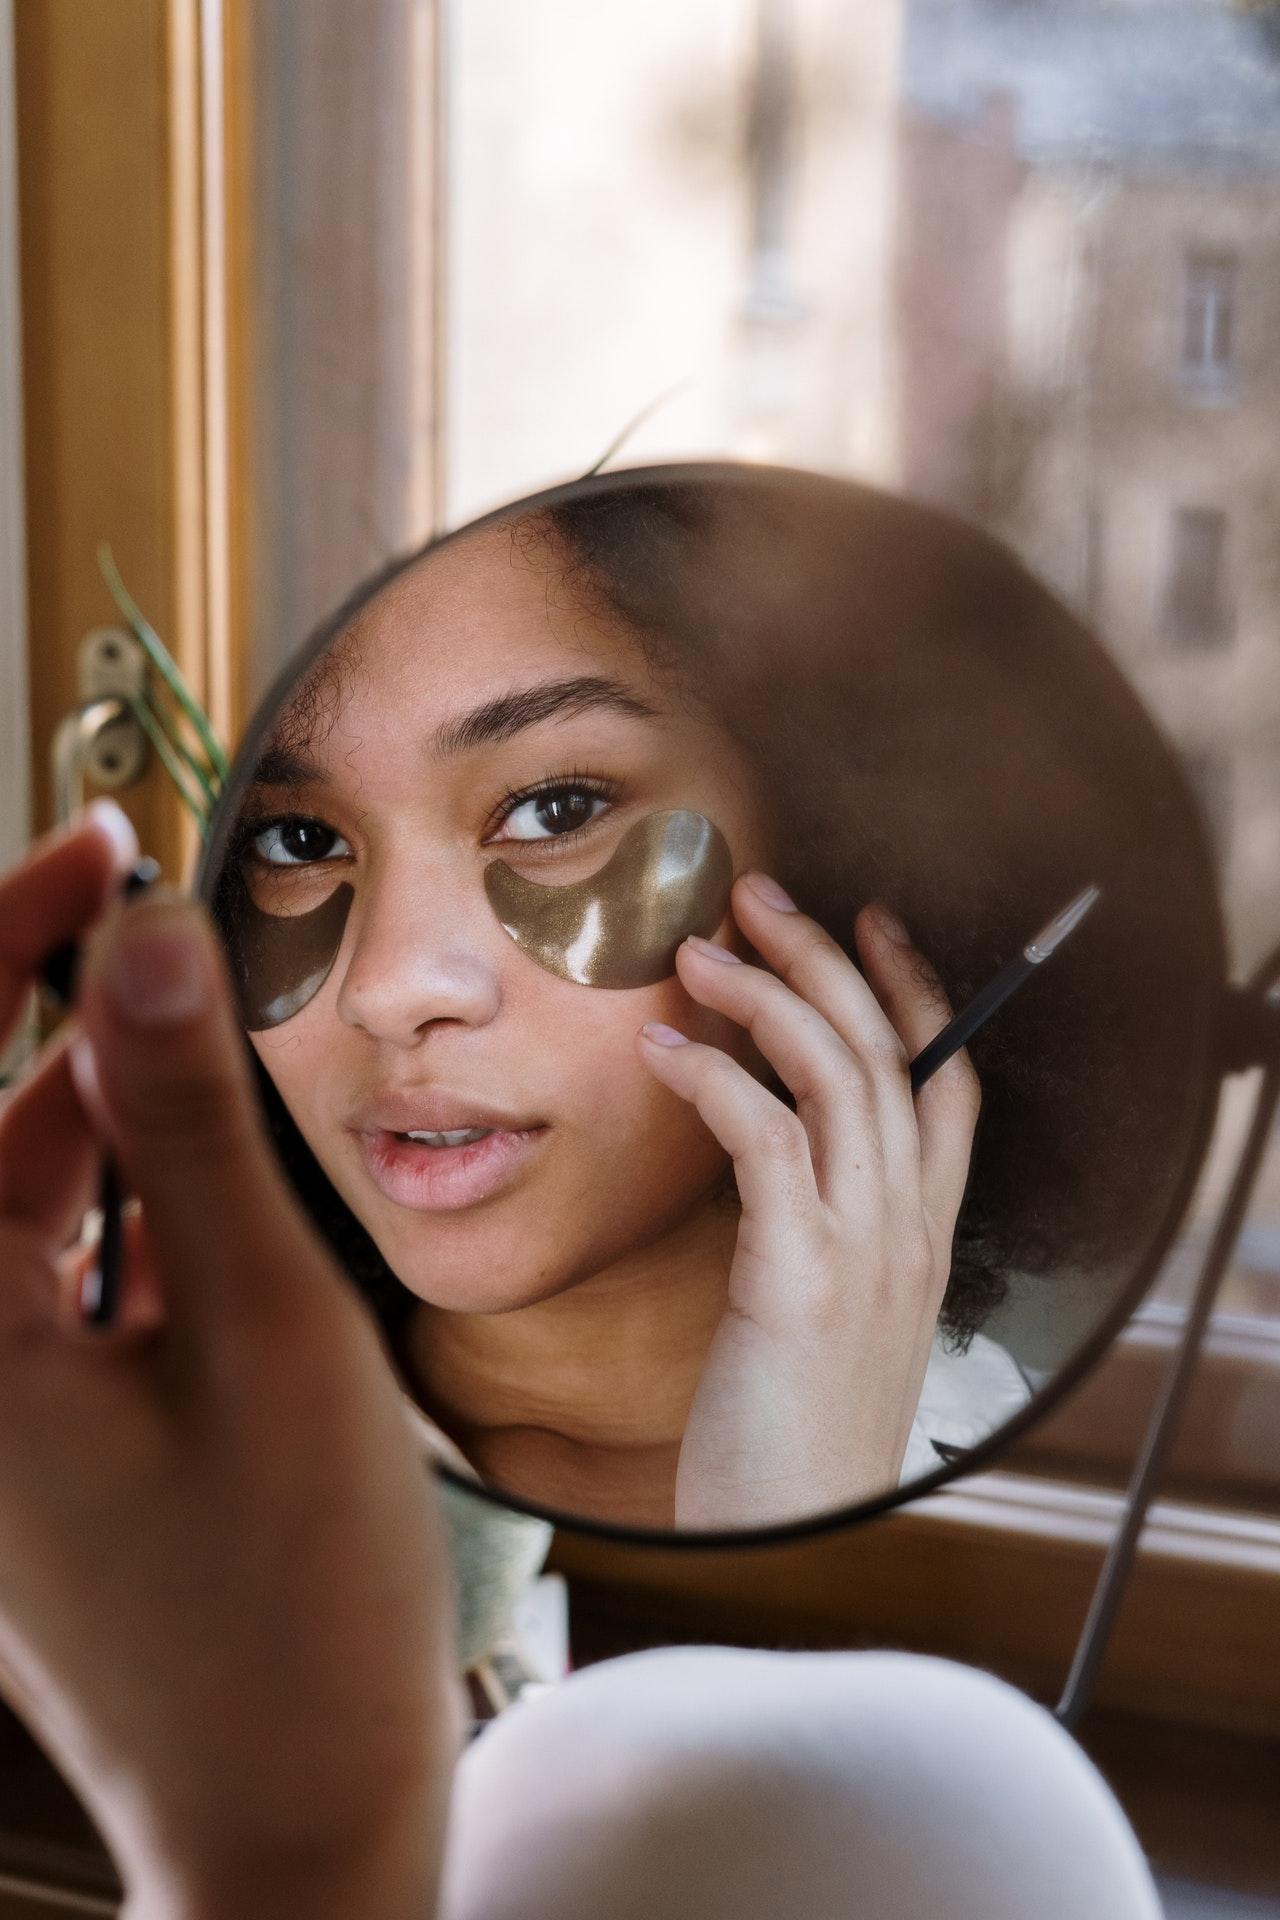 Consejos para ralentizar la aparición de arrugas del código de barras del labio superior